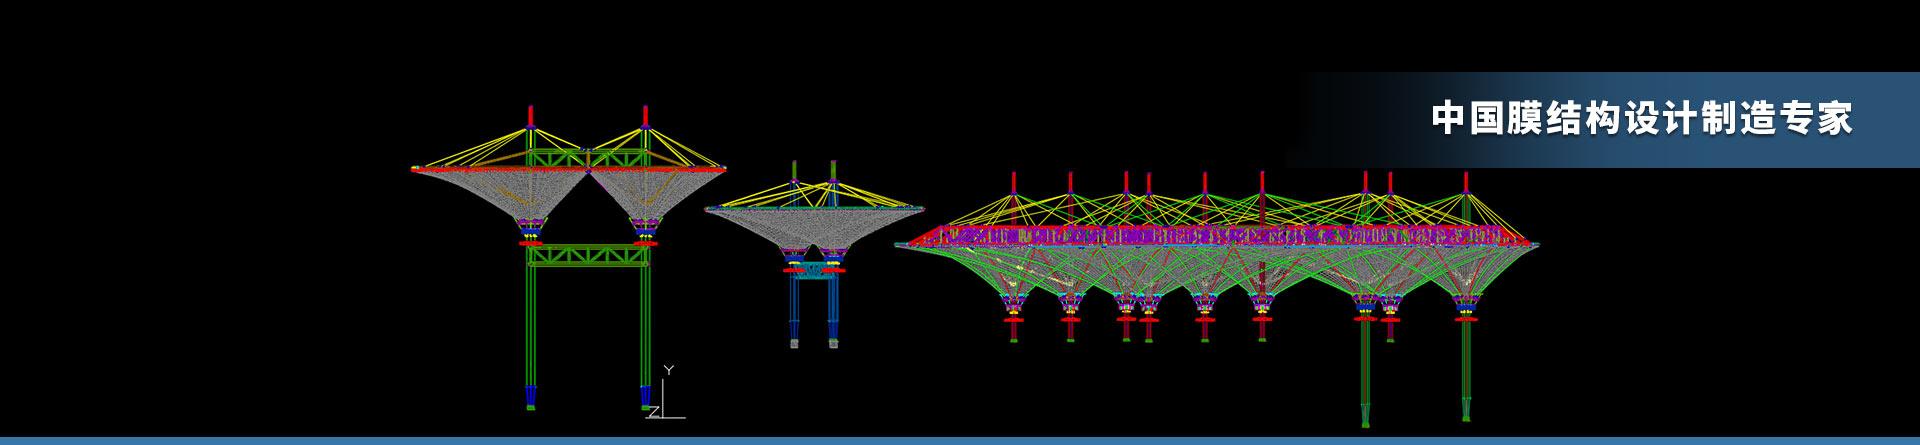 空间钢结构